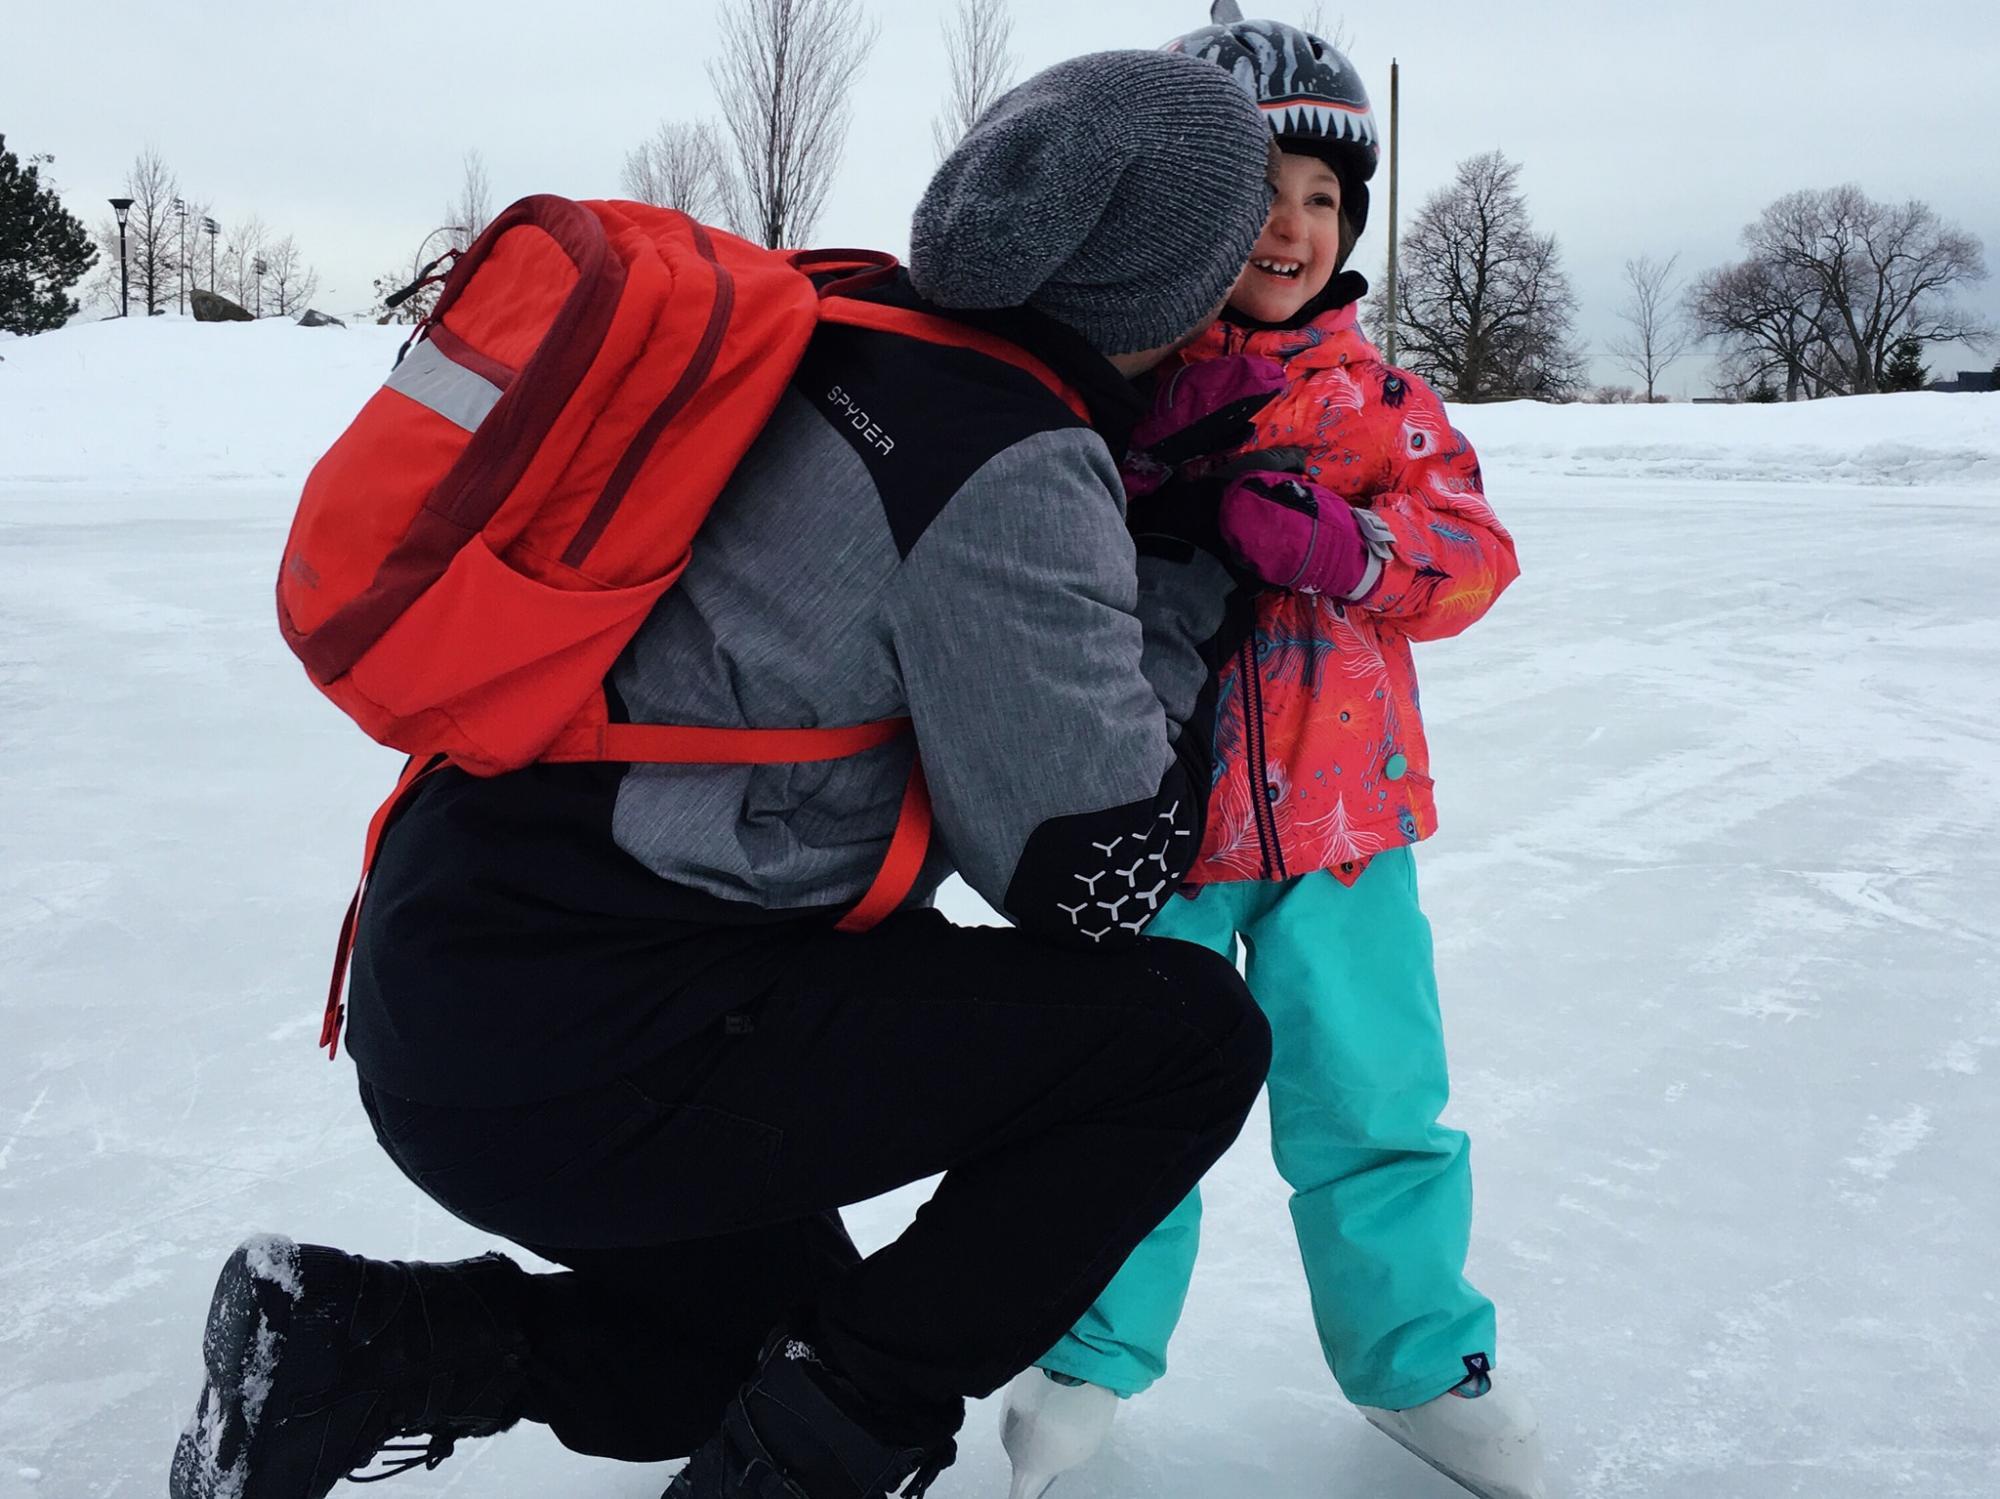 Petites joues rougies par le froid : les plus belles photos d'hiver des TPL Moms